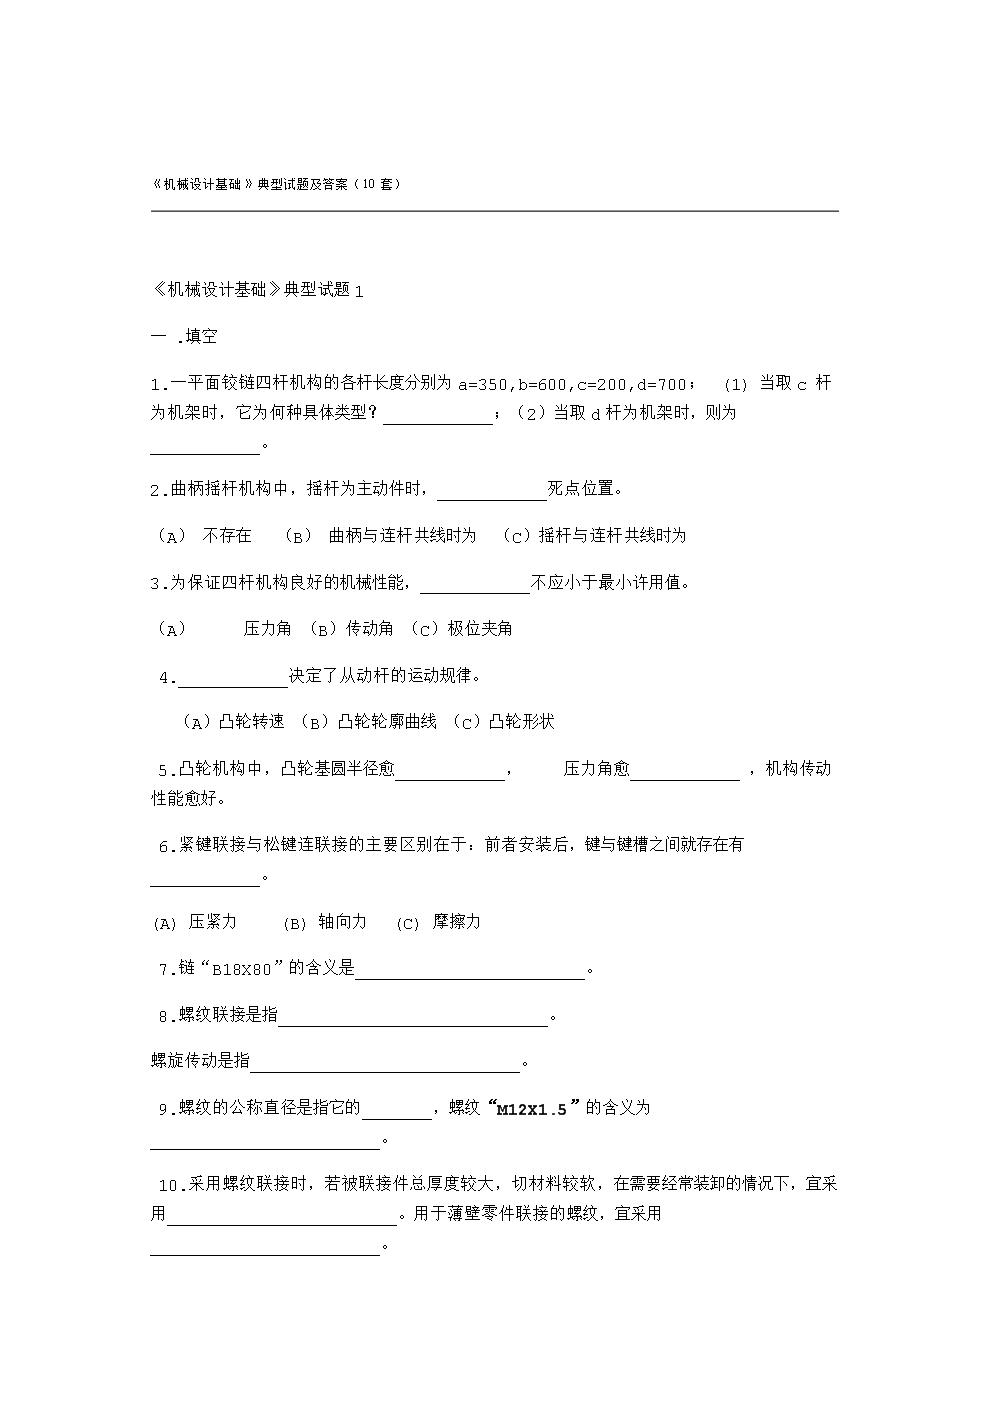 完整word版机械设计基础典型试题及答案10套.doc